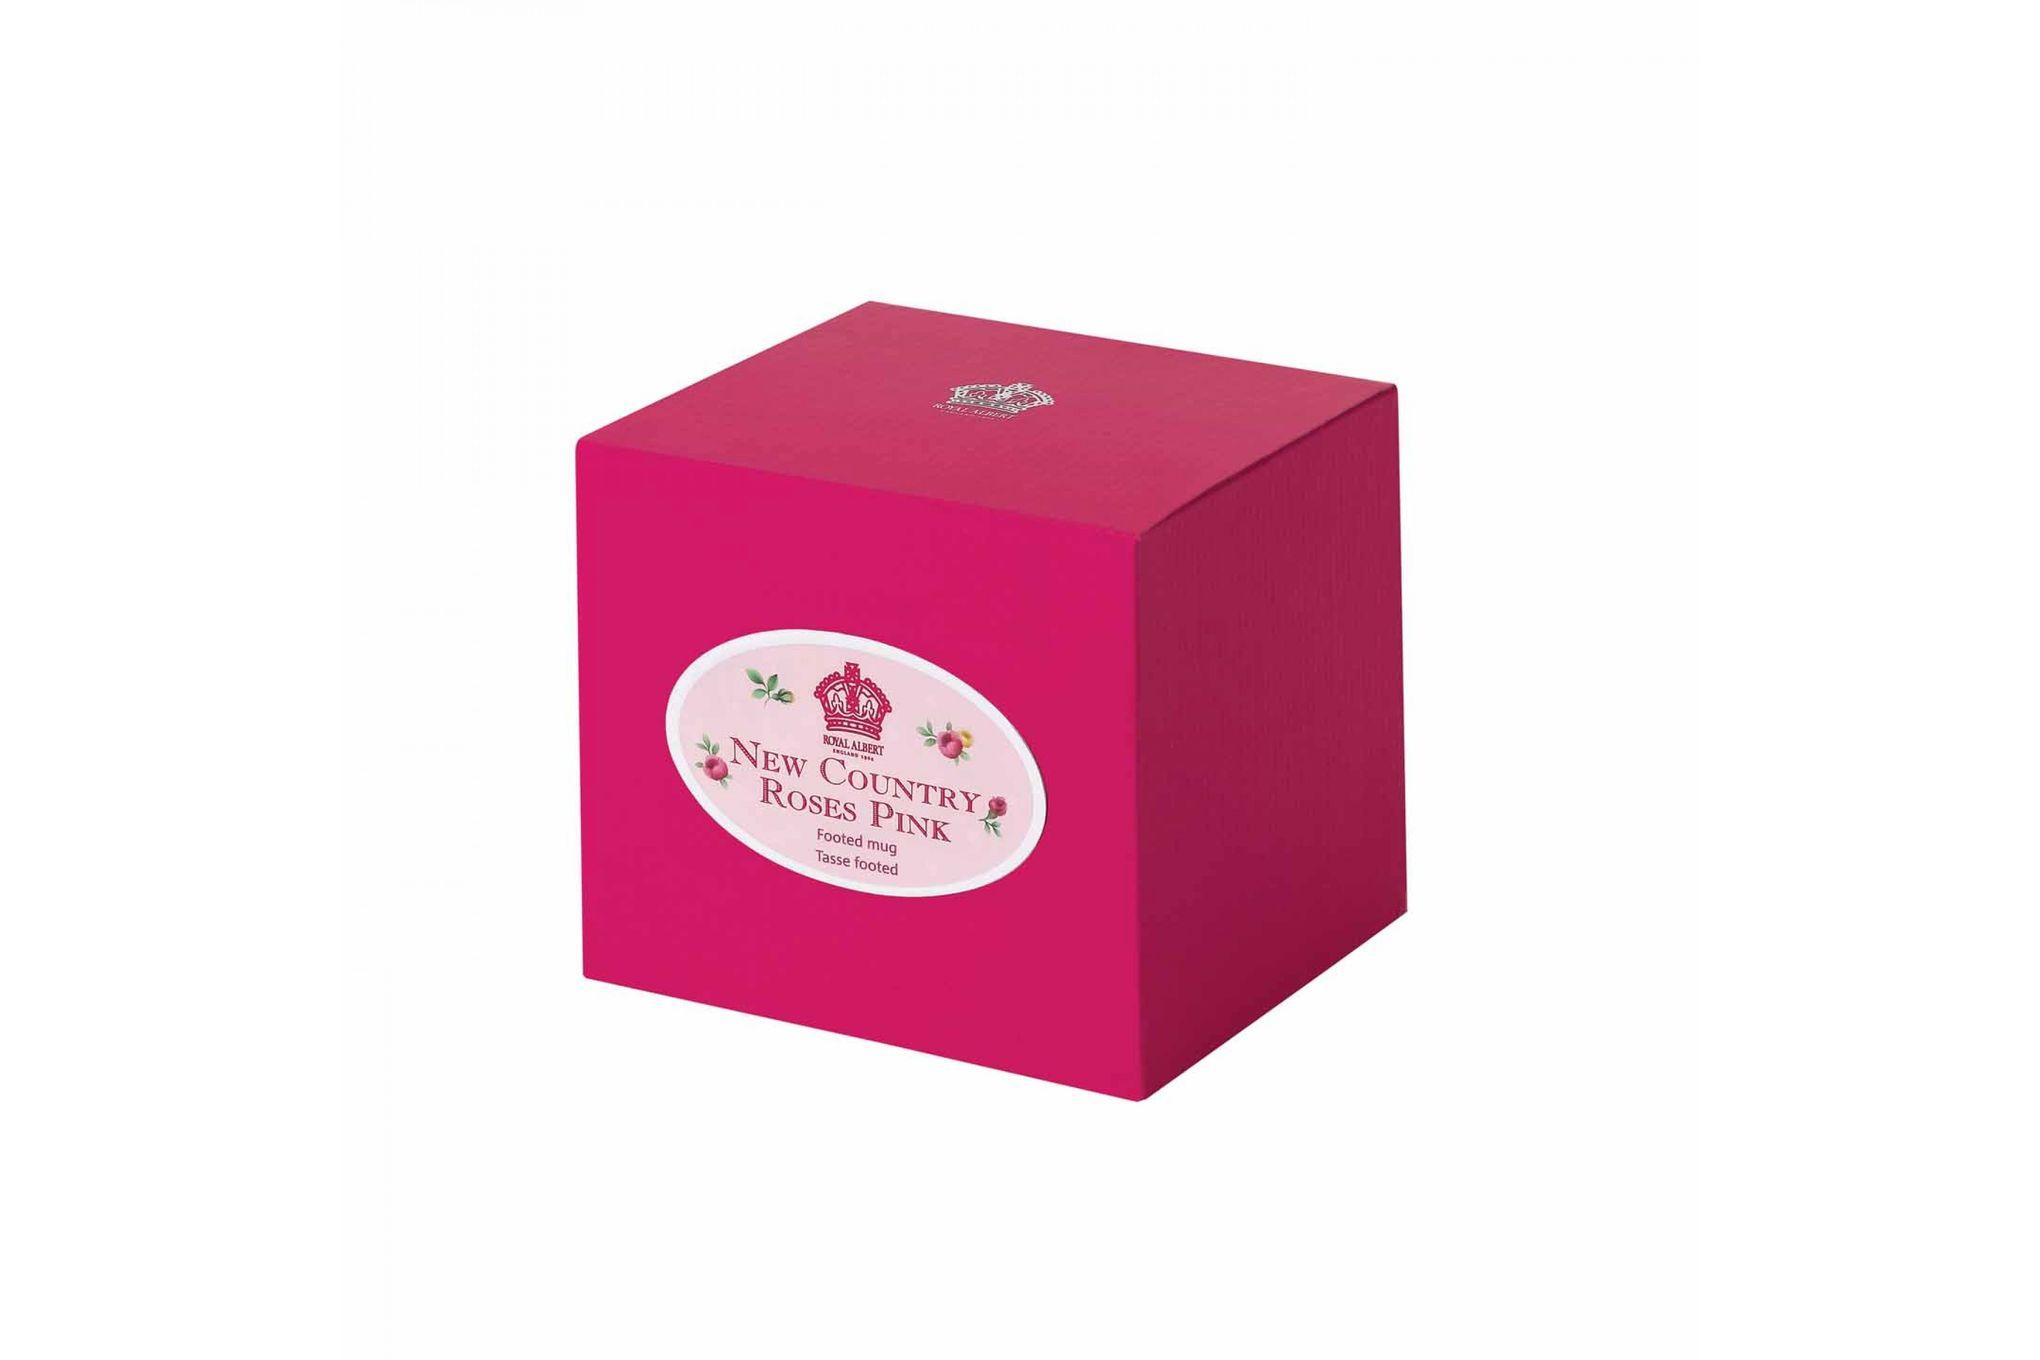 Royal Albert New Country Roses Pink Mug Footed 0.3l thumb 2